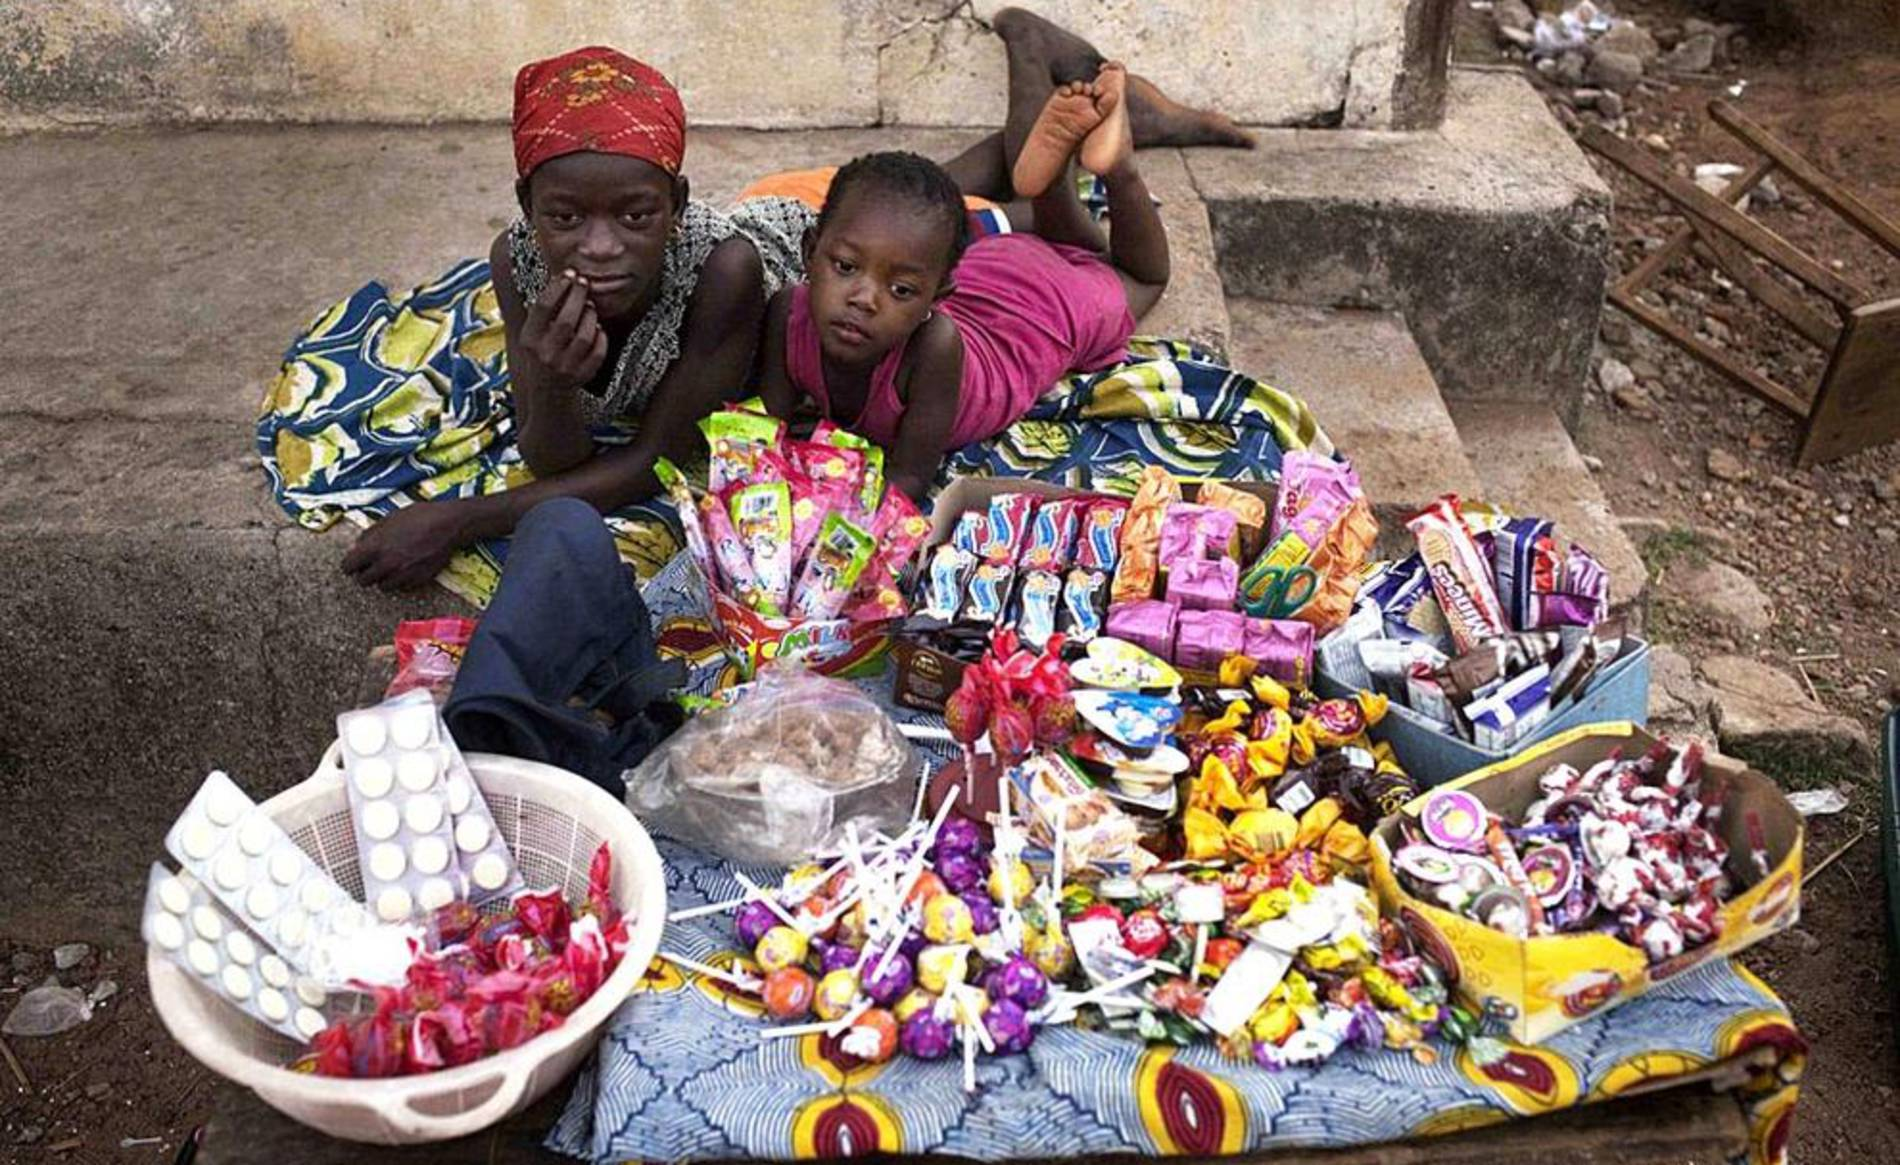 Sierra Leona vivió una sangrienta guerra civil durante los años 1991 a 2002. Diez años después culmina el proceso judicial en el que el entonces presidente Charles Taylor ha sido juzgado por crímenes de guerra y lesa humanidad en el Tribunal de La Haya